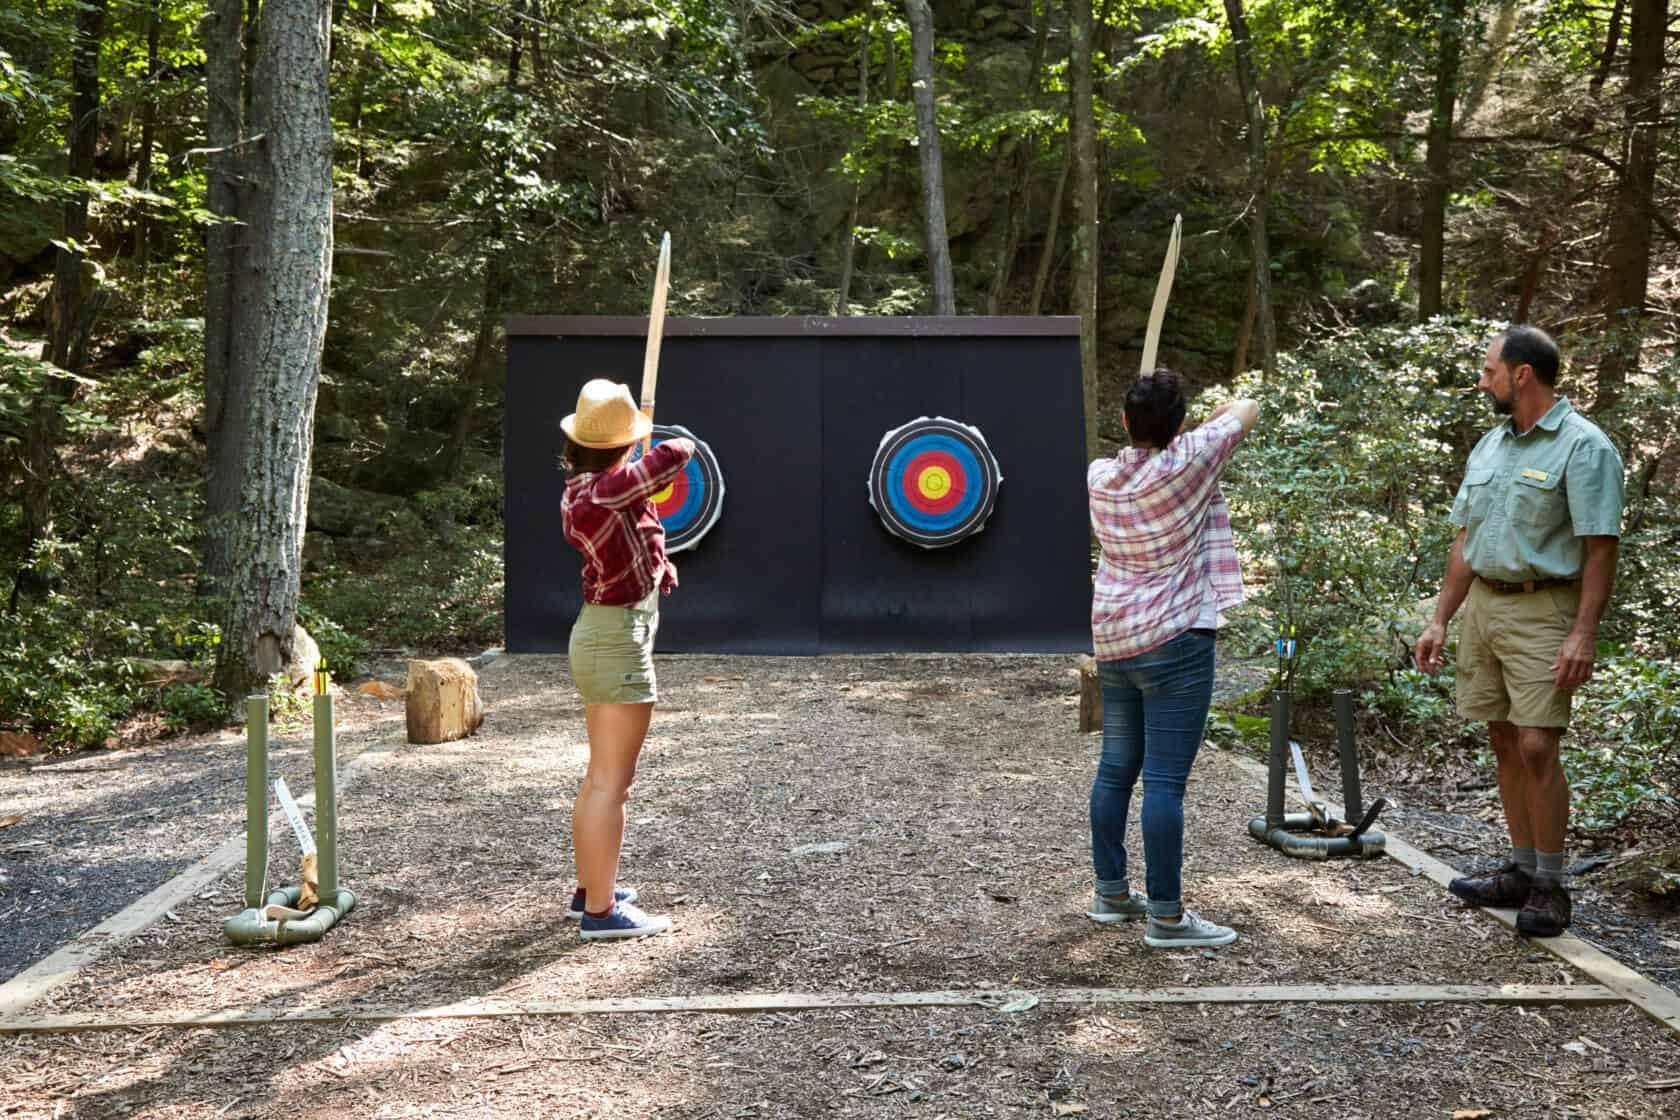 Archery - Outdoor Activities - Hudson Valley Getaway - Mohonk